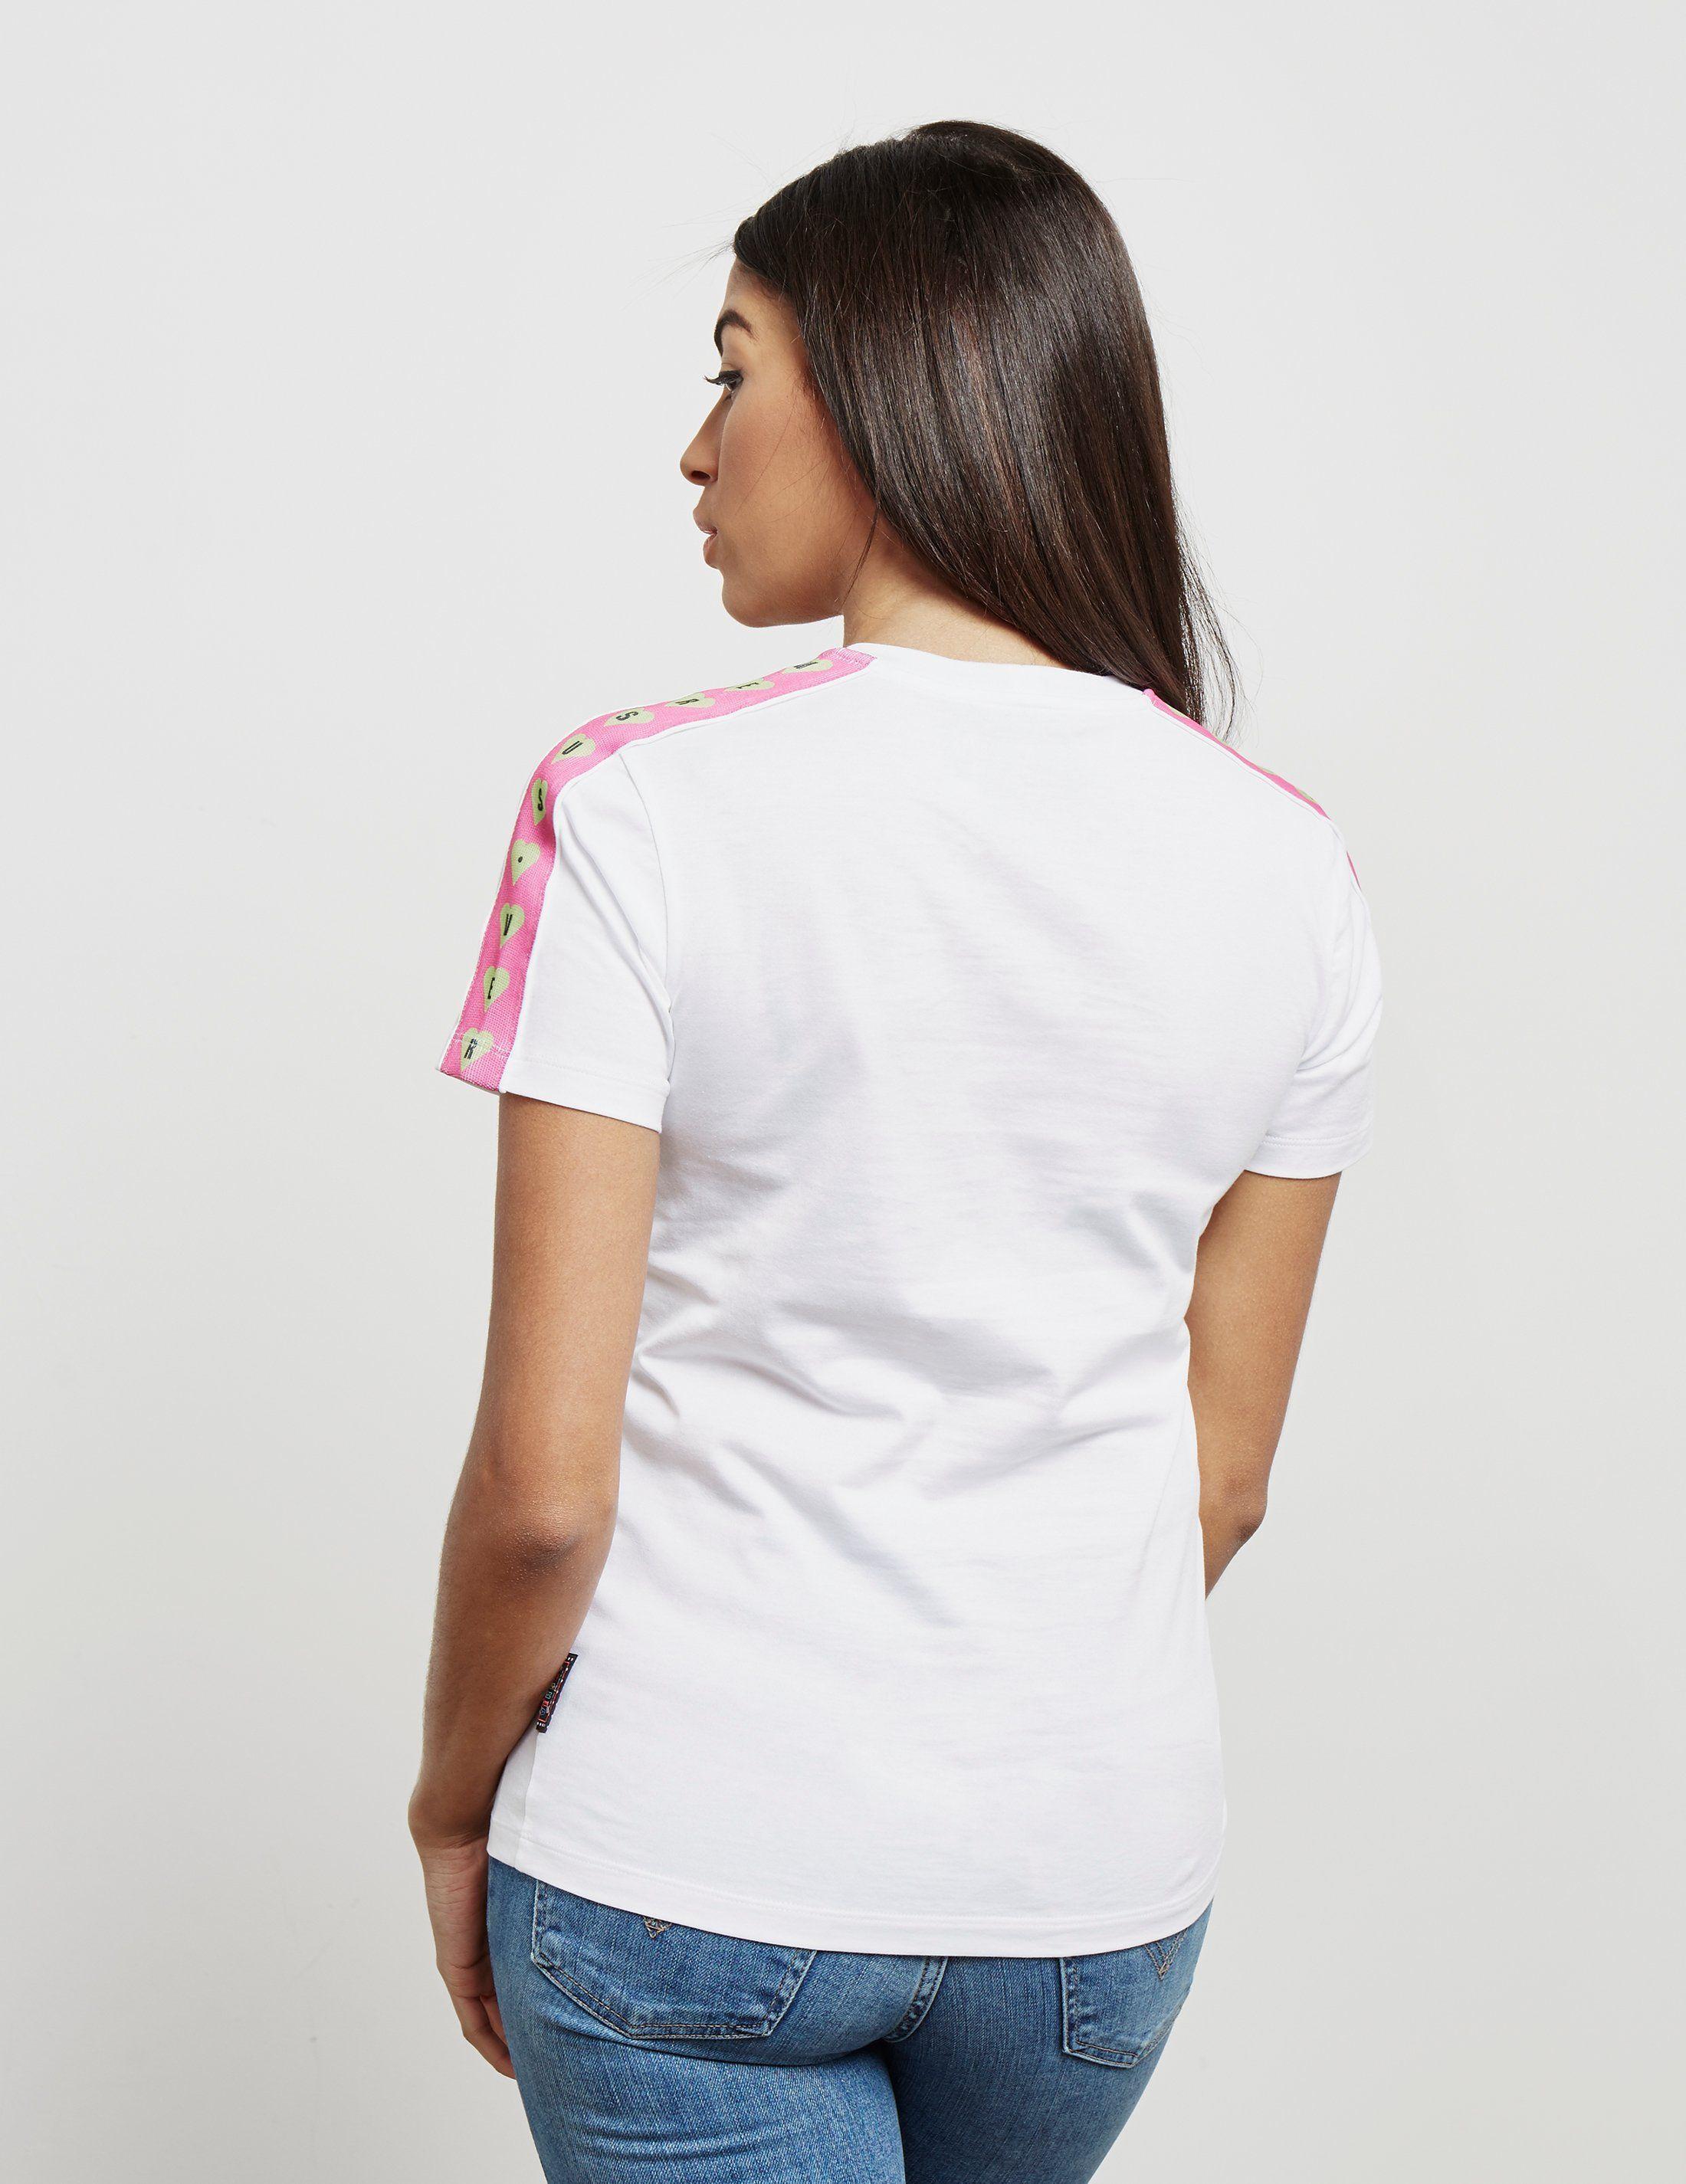 Versus Versace Heart Box Short Sleeve T-Shirt